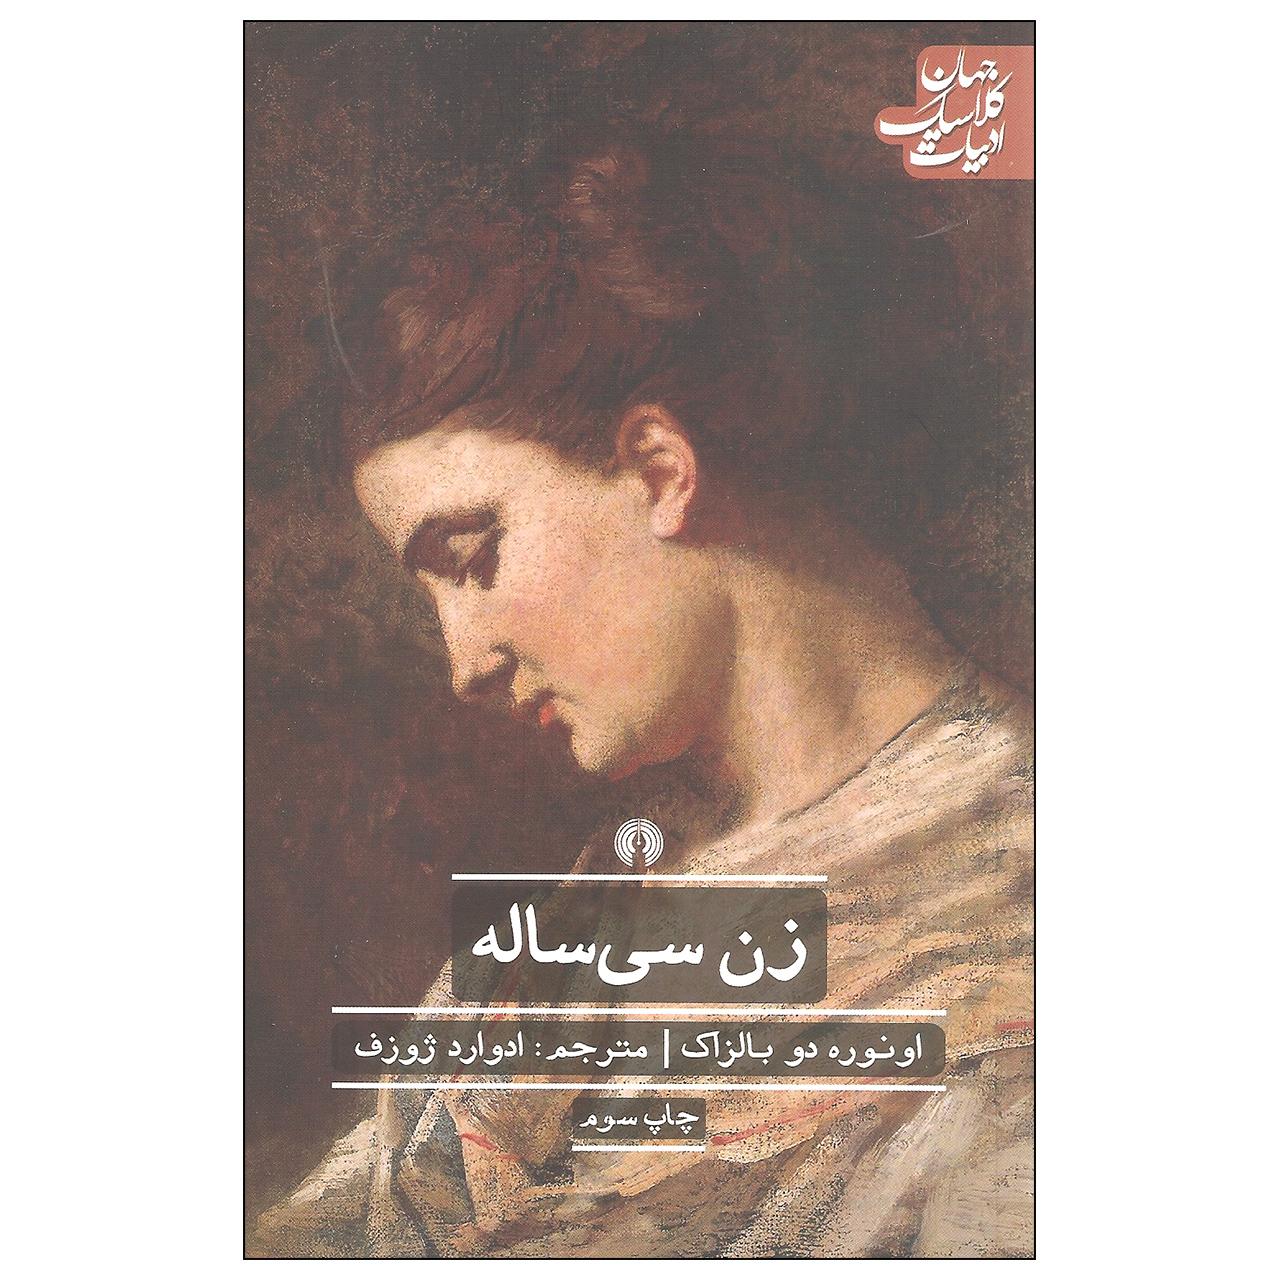 کتاب زن سی ساله اثر اونوره دو بالزاک نشر علمی و فرهنگی